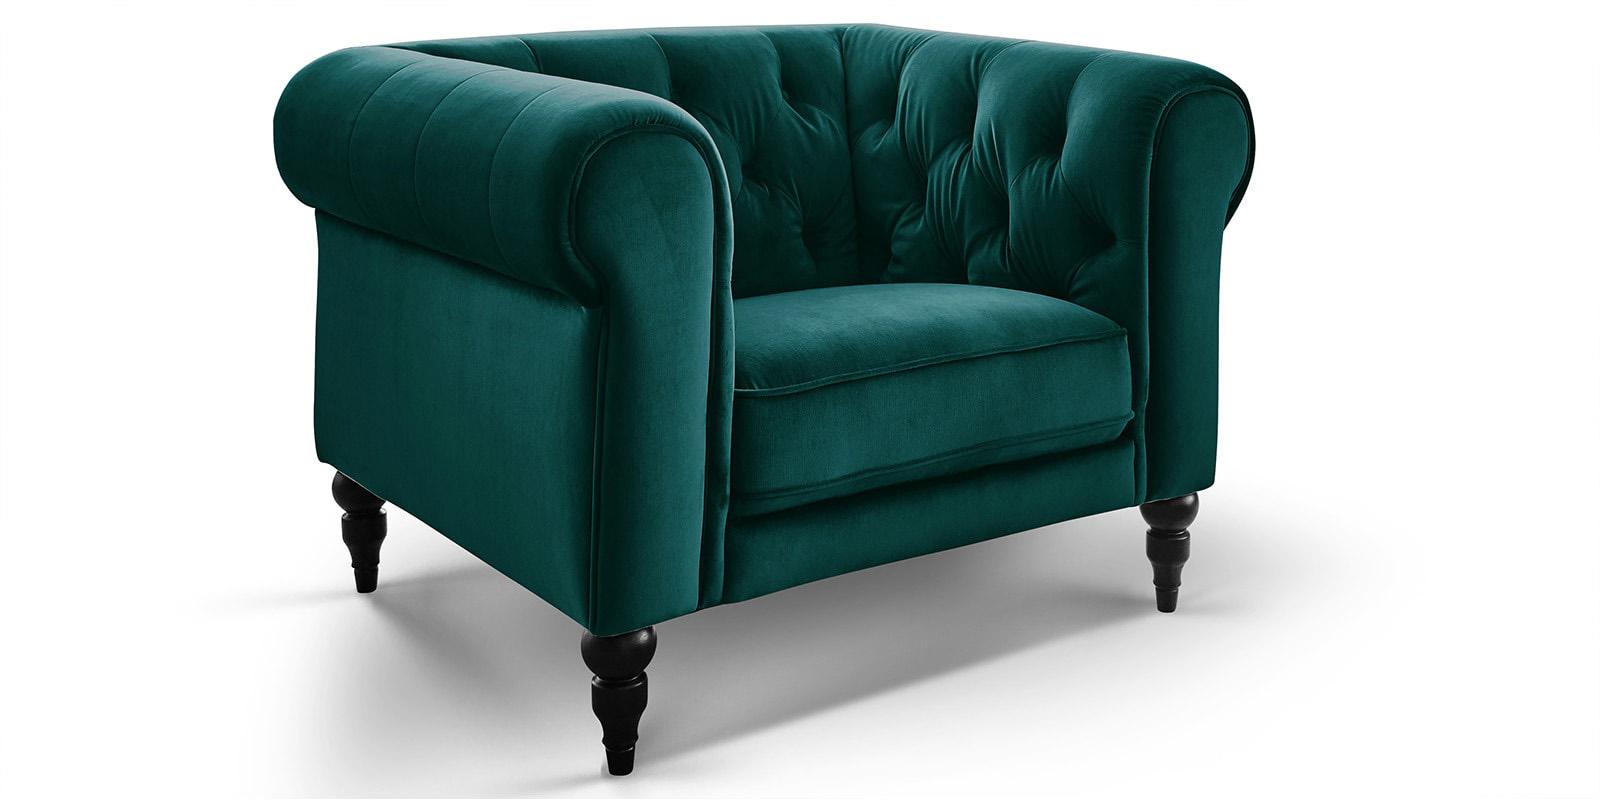 Moebella24 - 1-Sitzer - Sessel - Sofa - Hudson - Chesterfield - Samt - Petrol - Dekorative - Nähte - und - Versteppungen - Knopfheftung - Barock-Design - Füße - Detailaufnahme